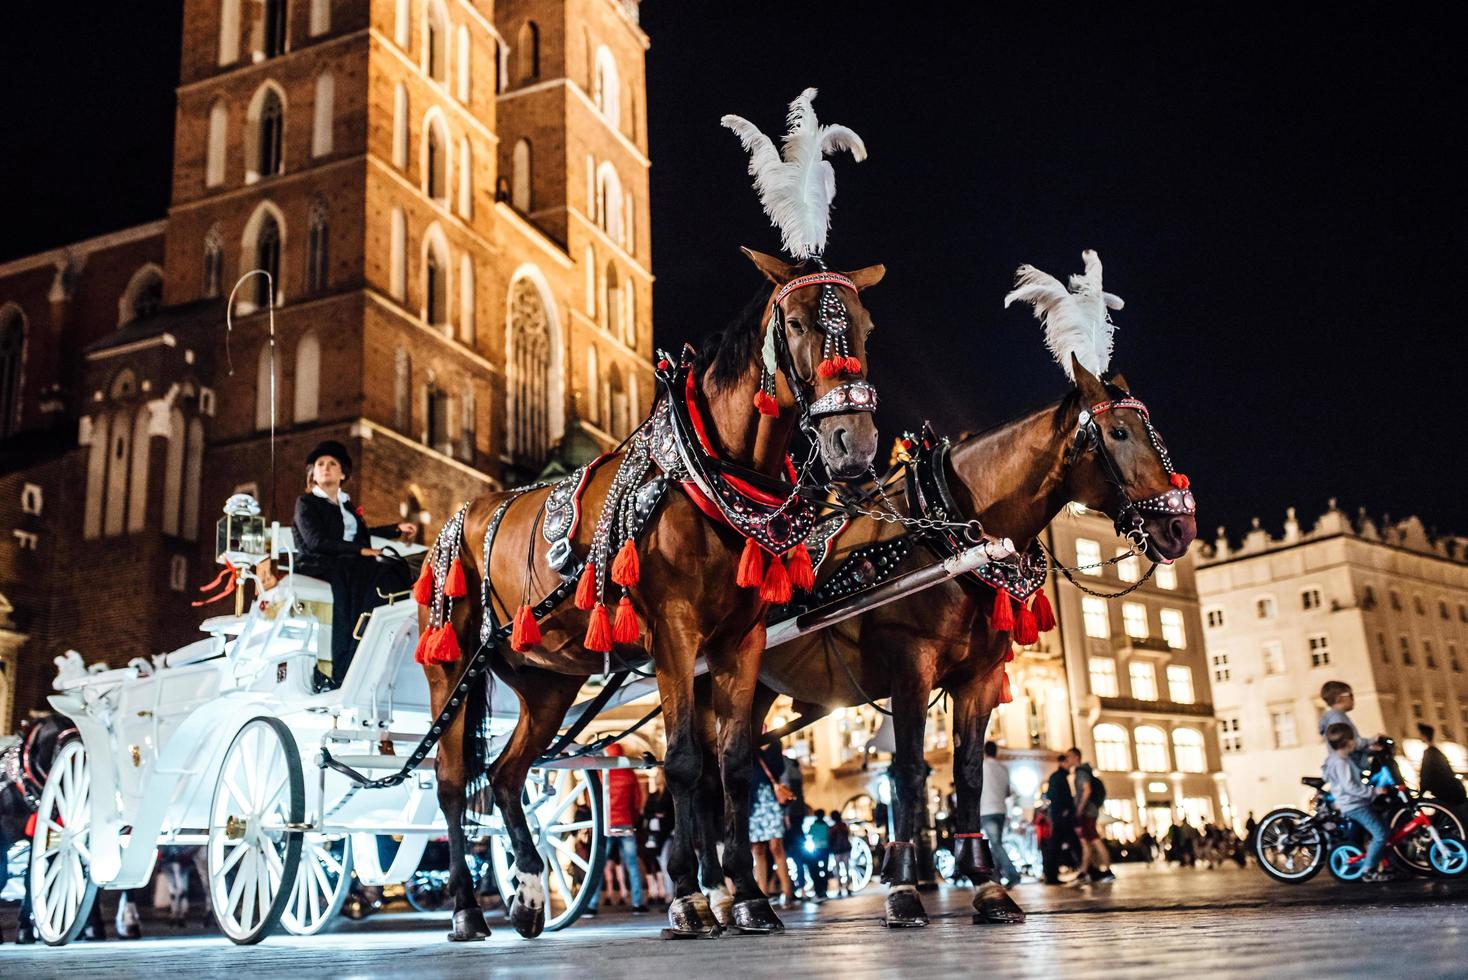 krakow, poland 2017 - der alte platz der nacht in krakow mit pferdekutschen foto